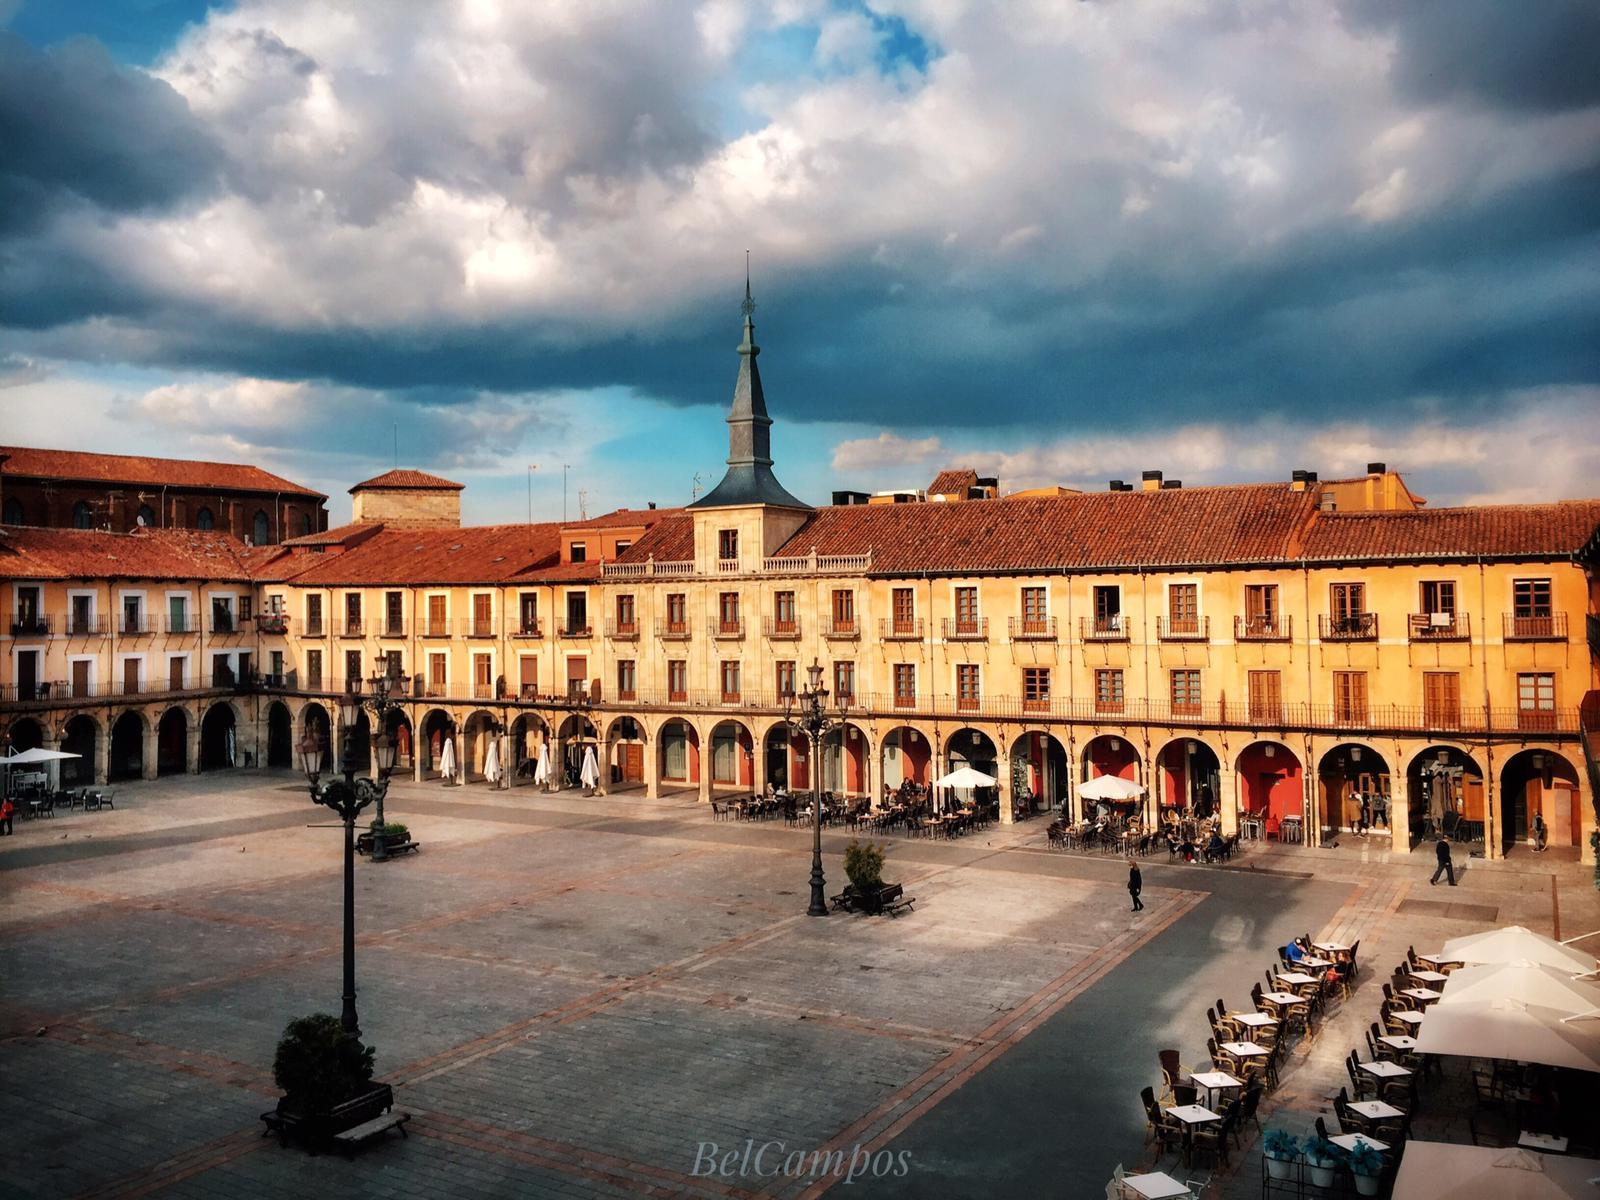 Visita guiada a la catedral y ciudad de León con una cata y degustación de productos típicos de nuestra tierra.